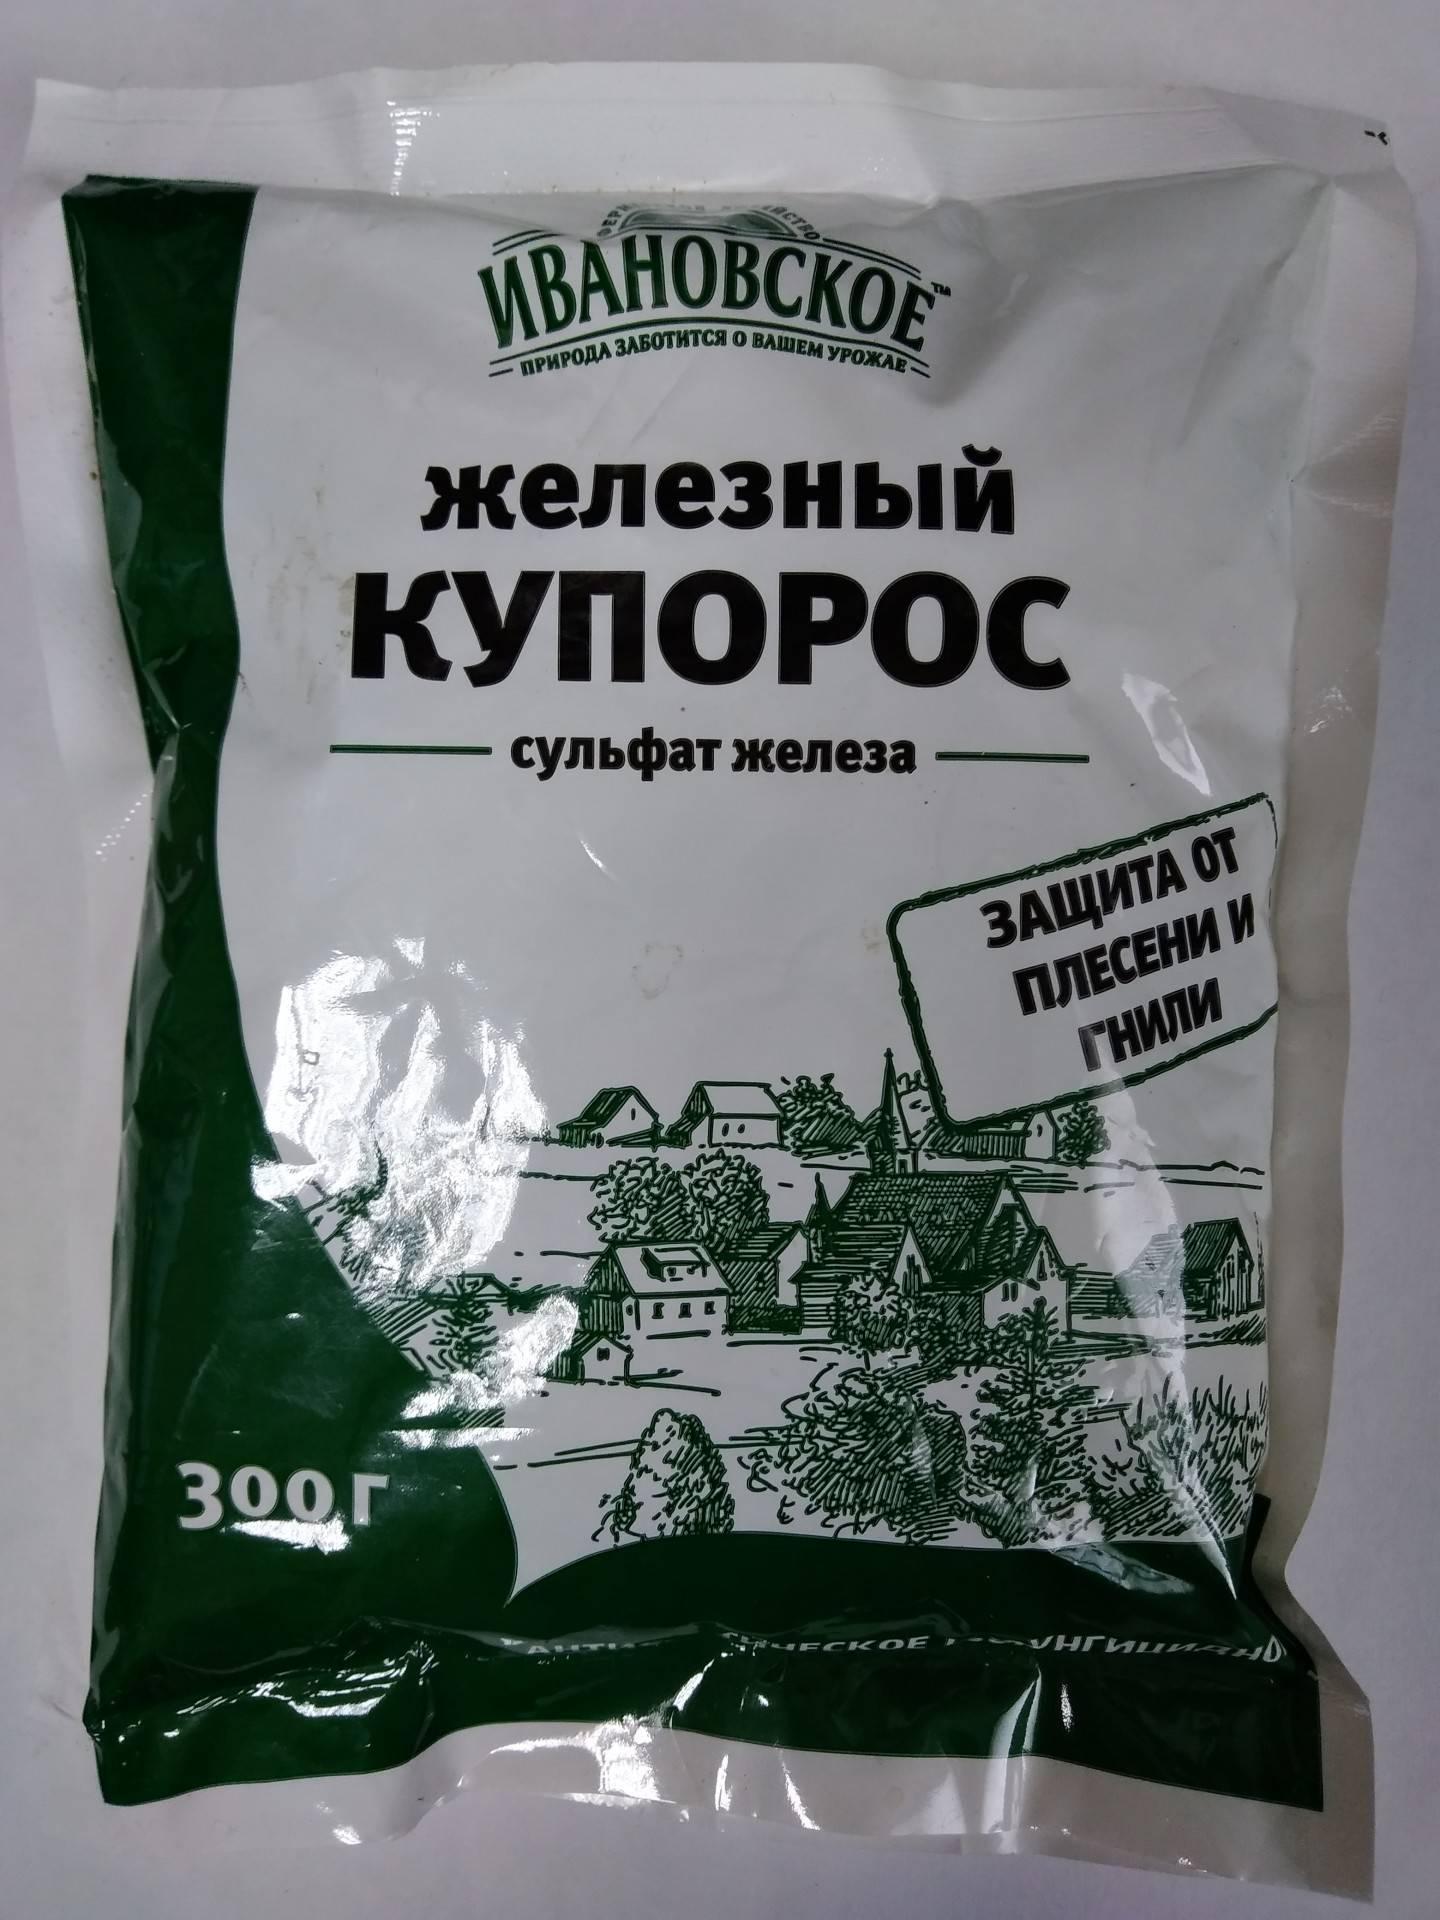 Железный купорос: применение в садоводстве, инструкция, приготовление раствора